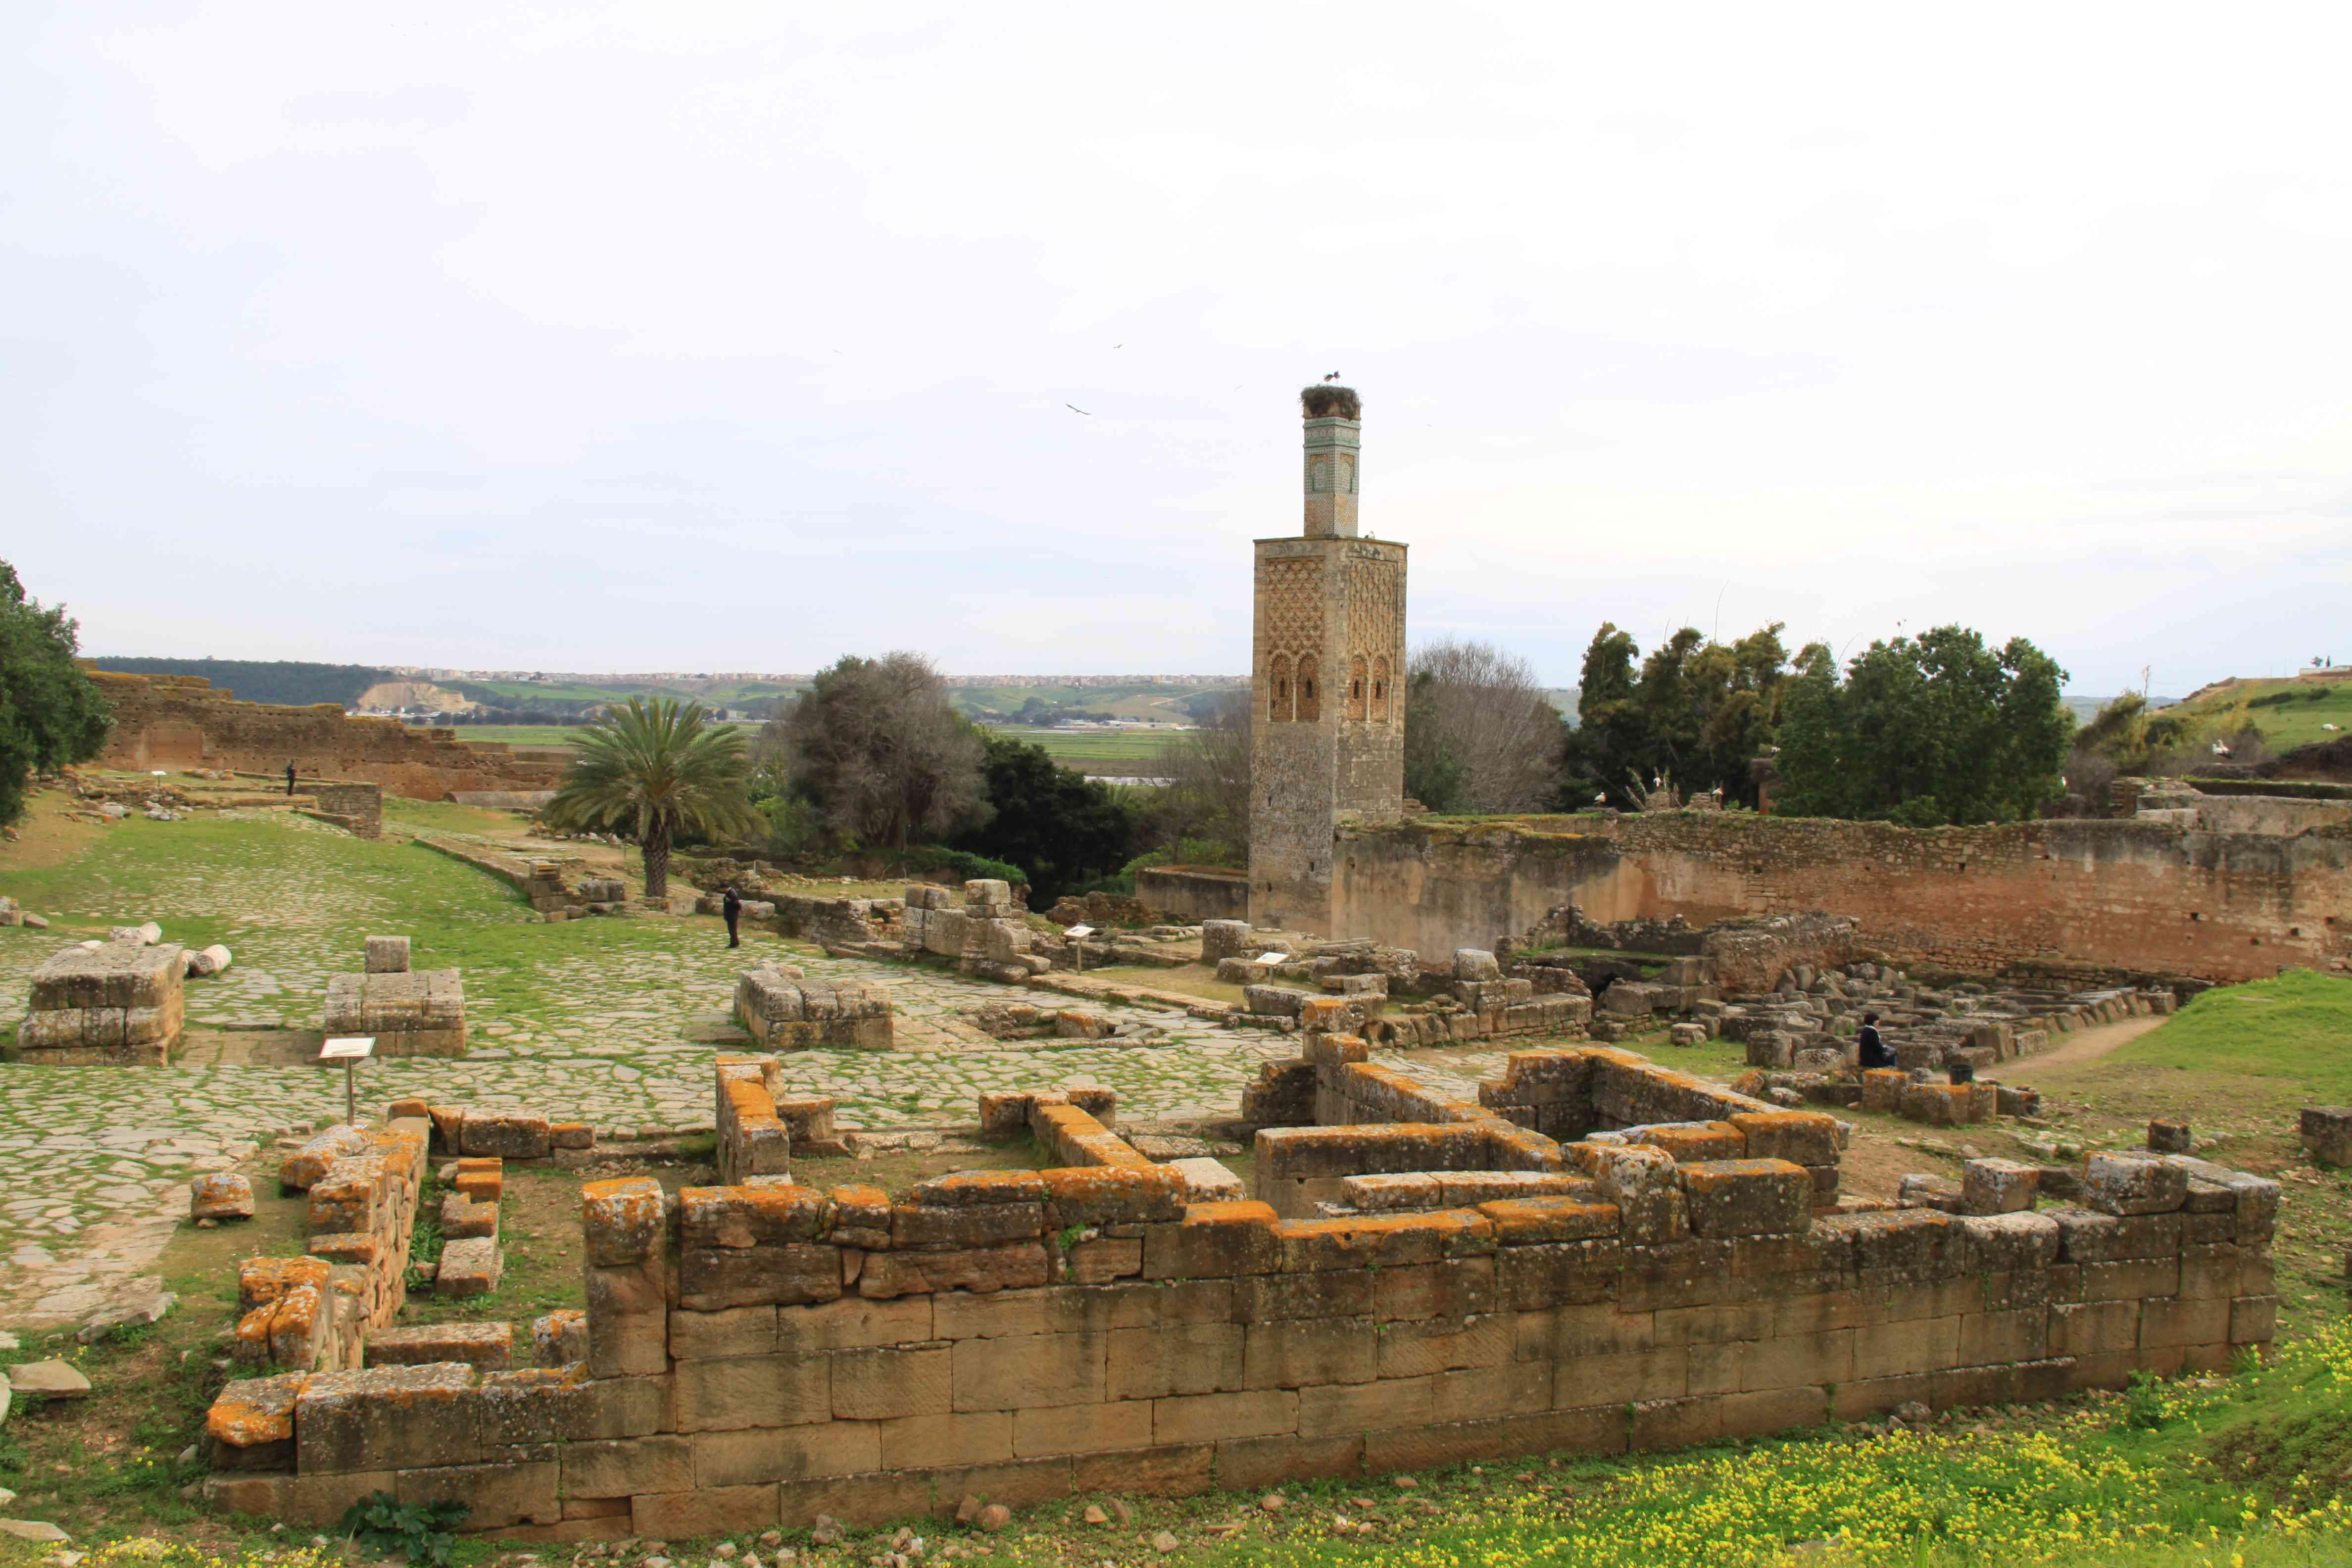 Ruiny antické města Sala Colonia leží nedaleko dnešní marocké metropole Rabatu